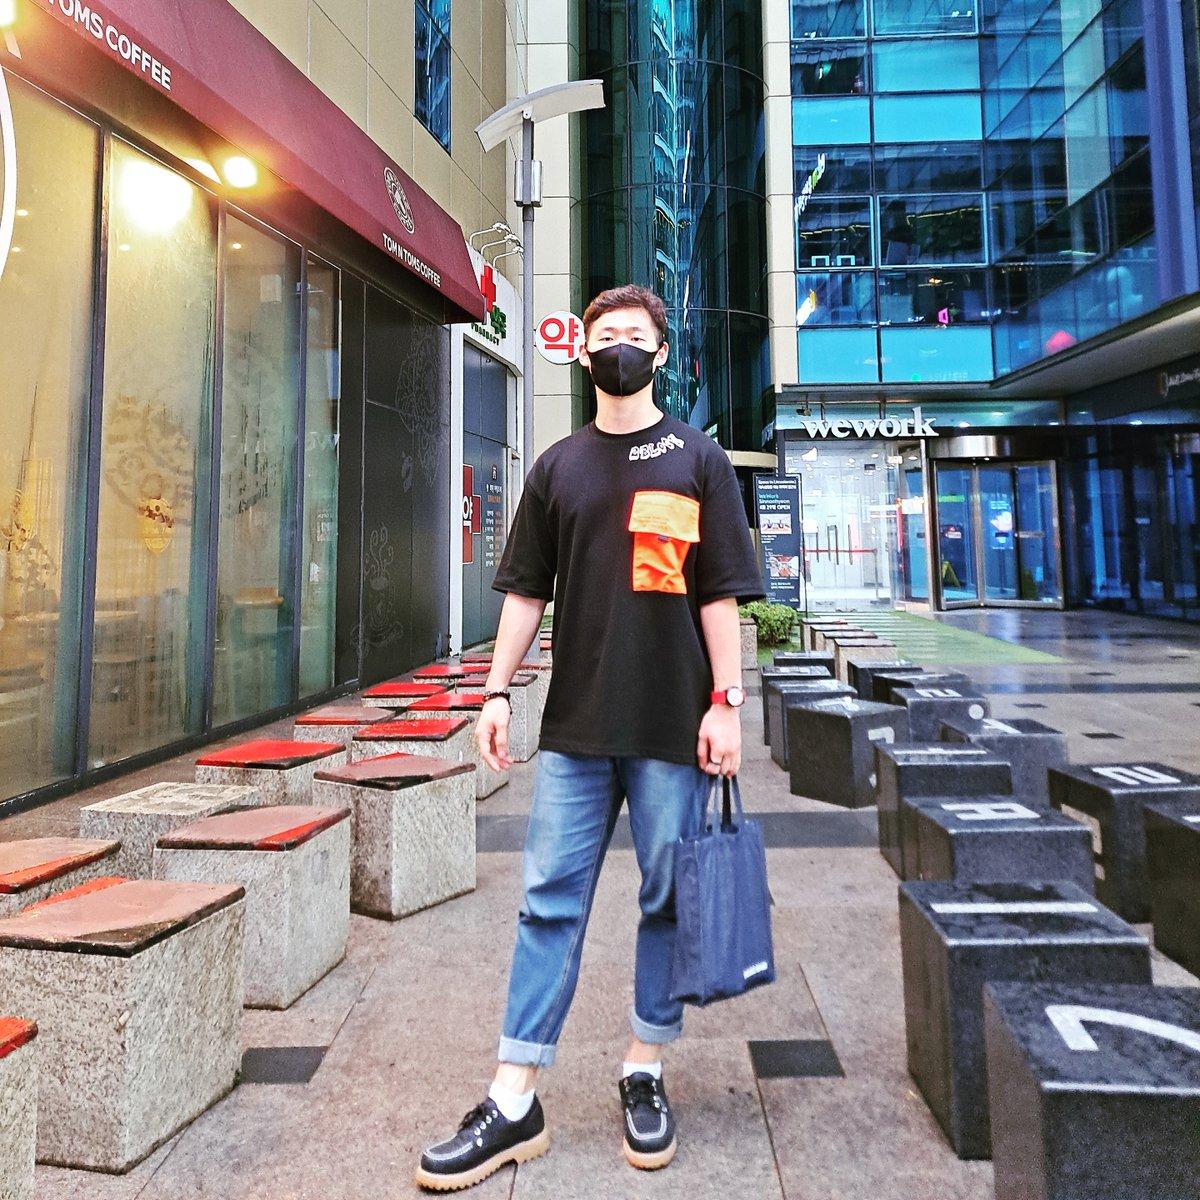 비오는 날 코디 .  #박스티 #스트릿패션 #스트릿 #oodt #2block #청바지패션 #강남 #일상패션 #ストリートファッション #ストリート #日常のコーディネート #koreanfashion #fashionpic.twitter.com/cr9AkkJMM9